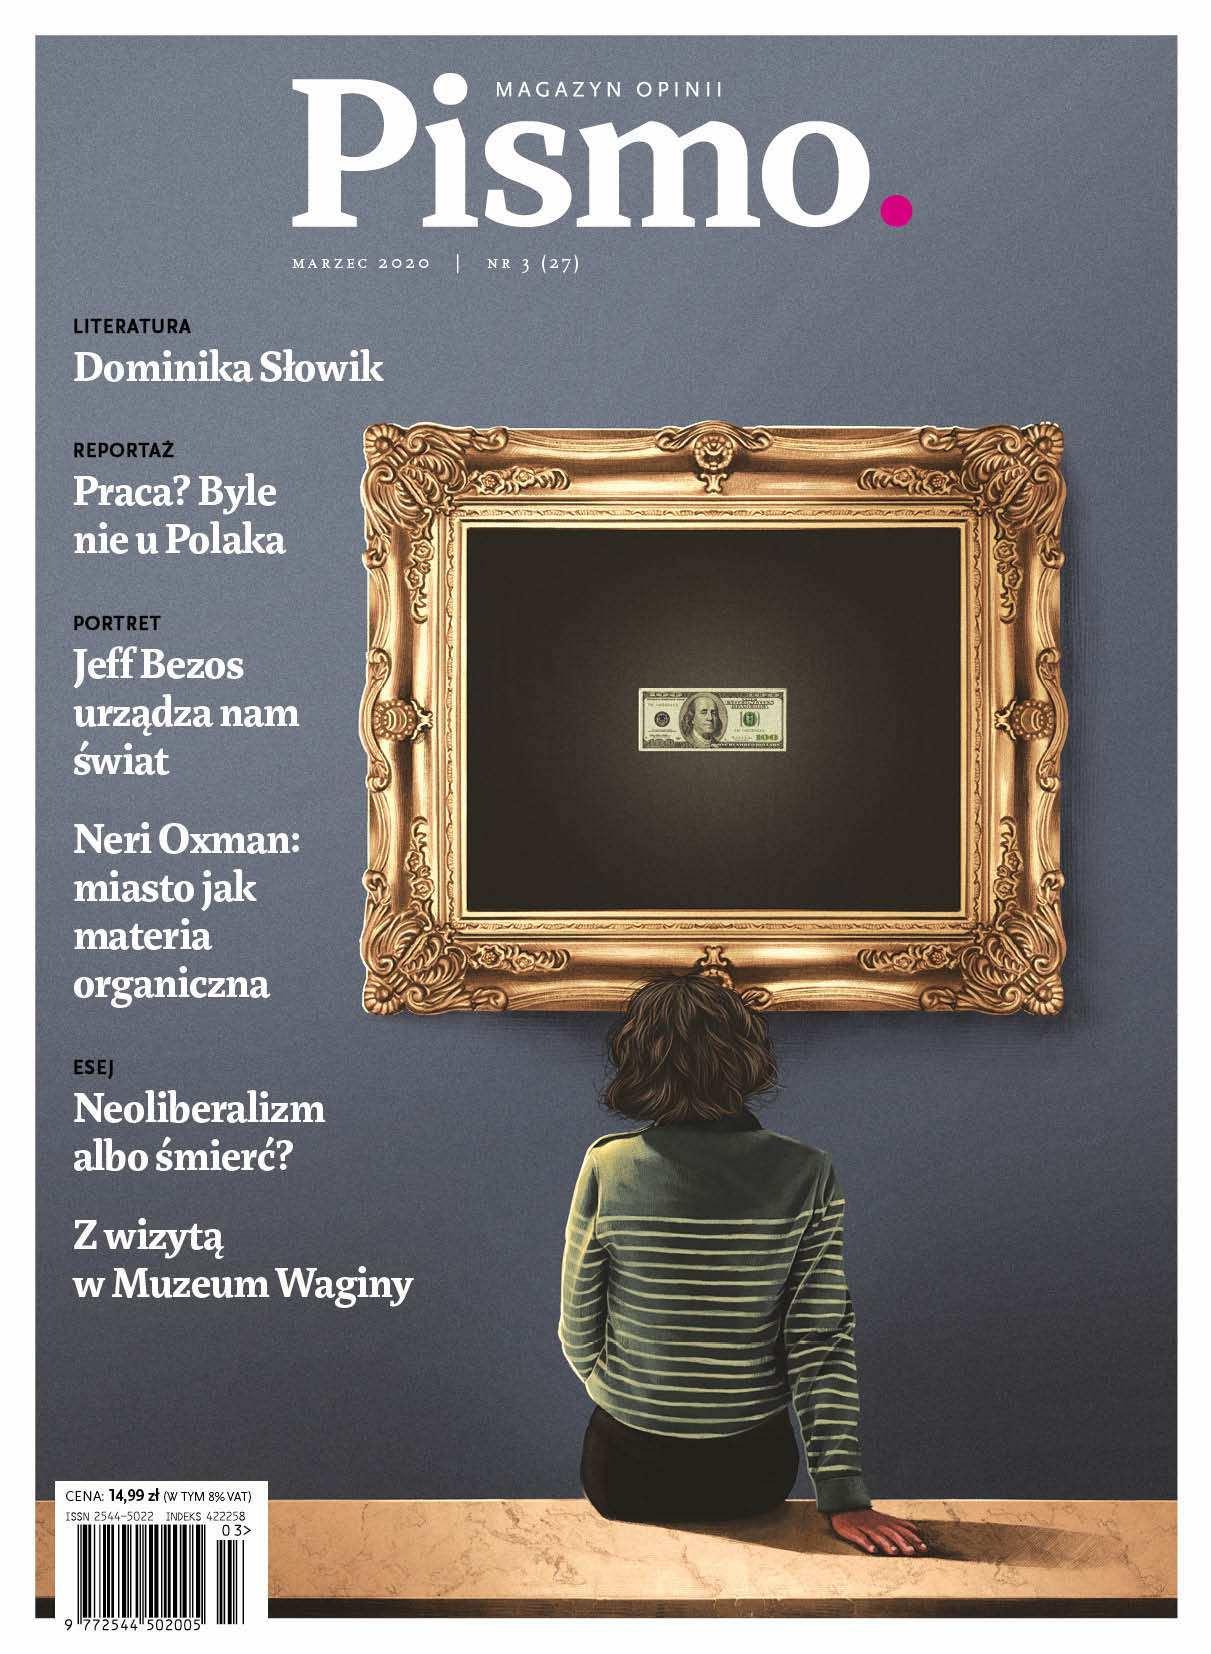 Pismo. Magazyn Opinii 03/2020 - Audiobook (Książka audio MP3) do pobrania w całości w archiwum ZIP